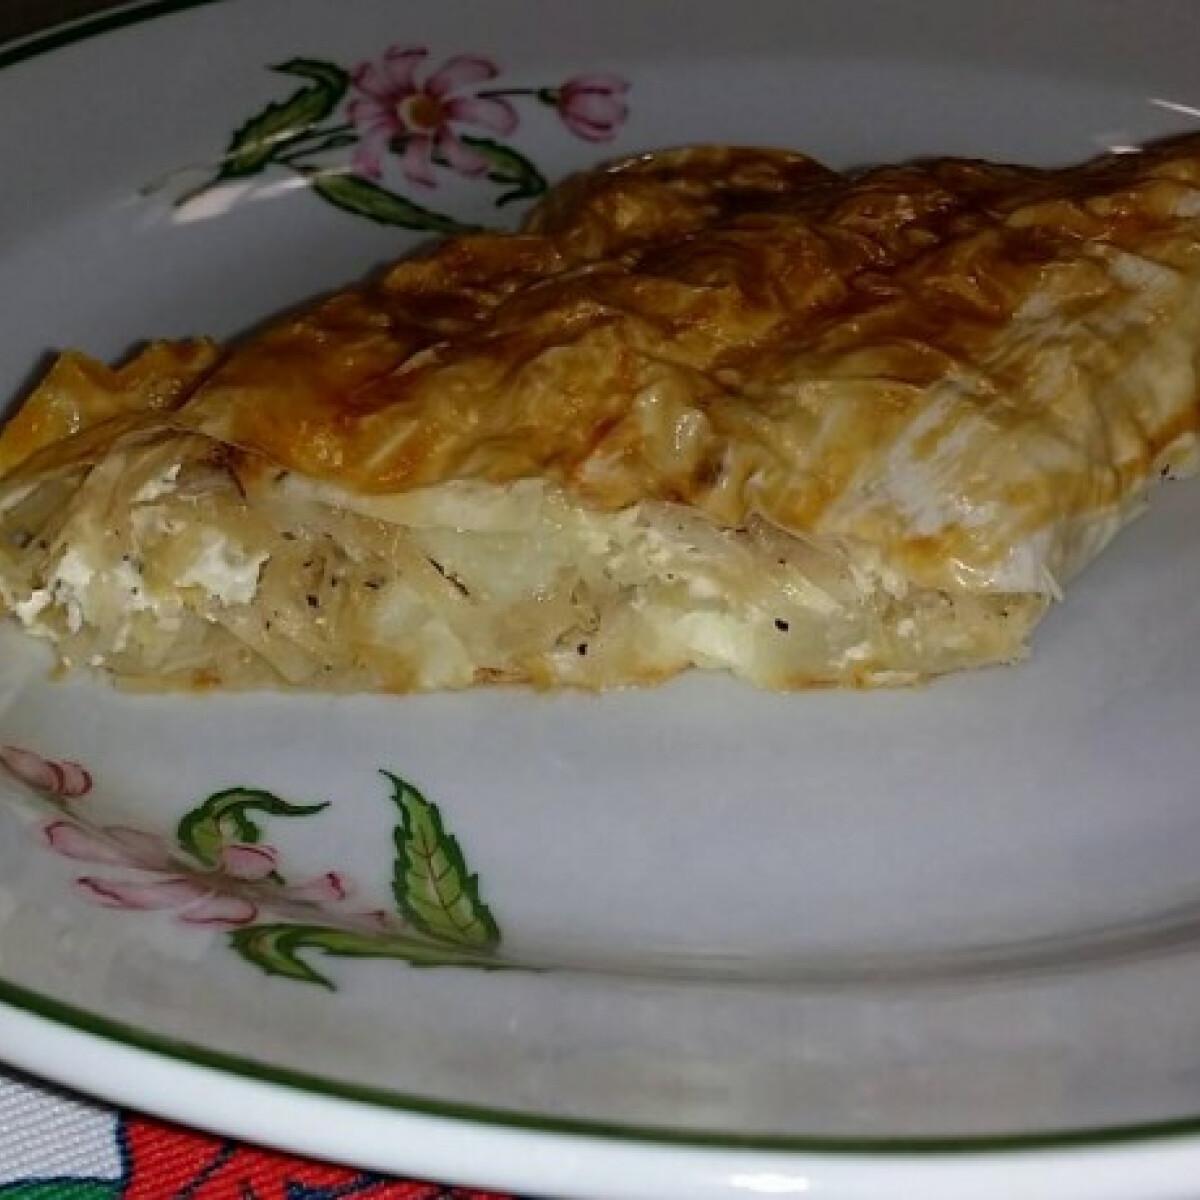 Krumplis rétes savanyú káposztával töltve